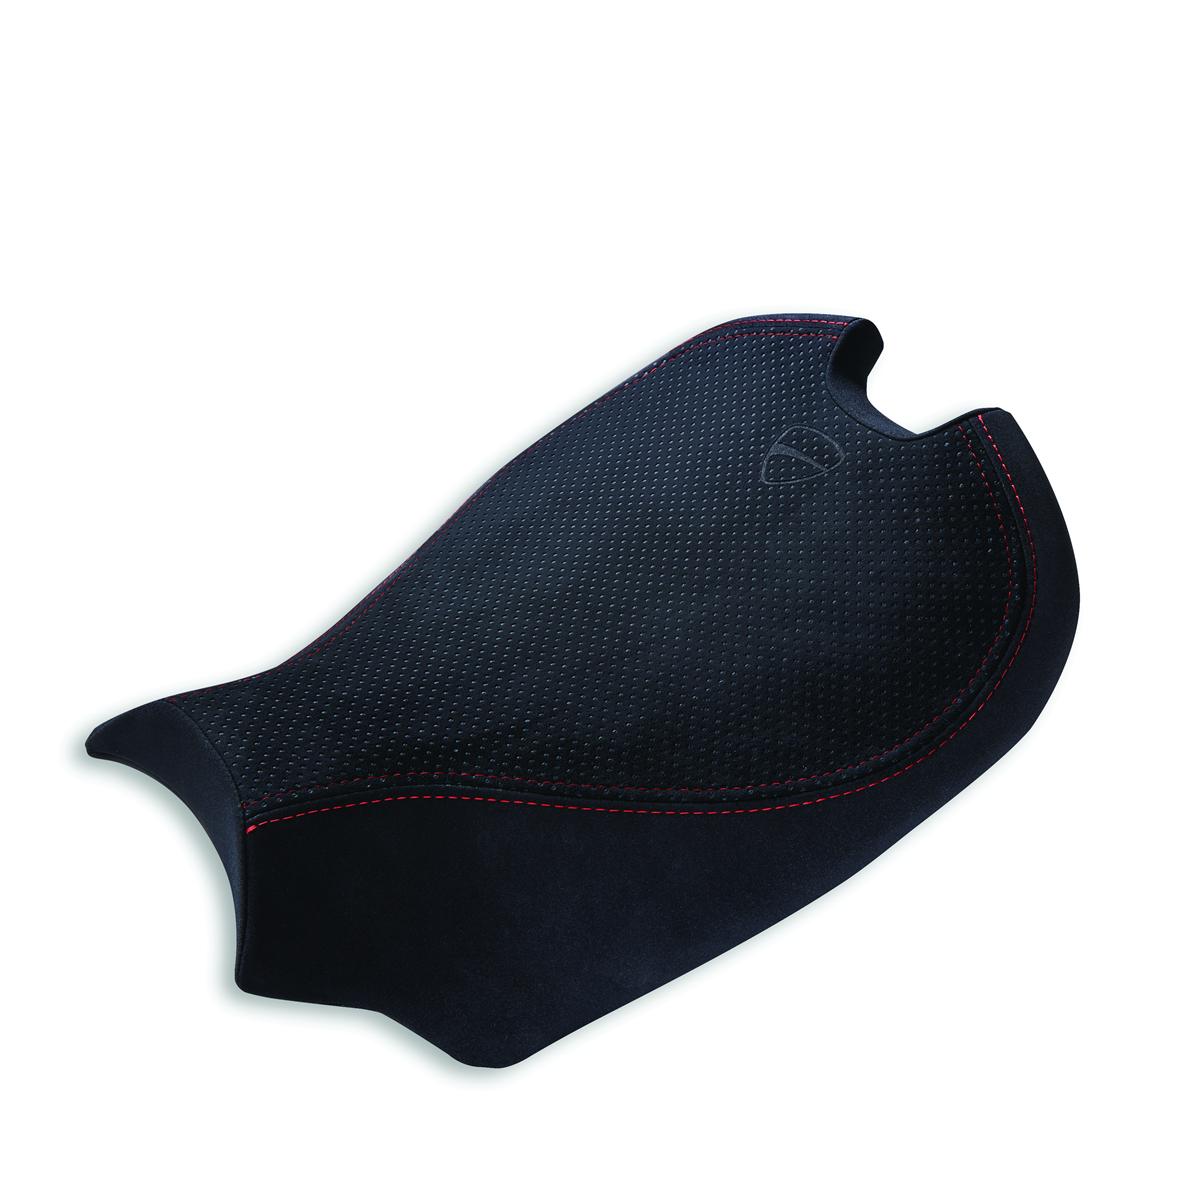 Rider comfort seat.